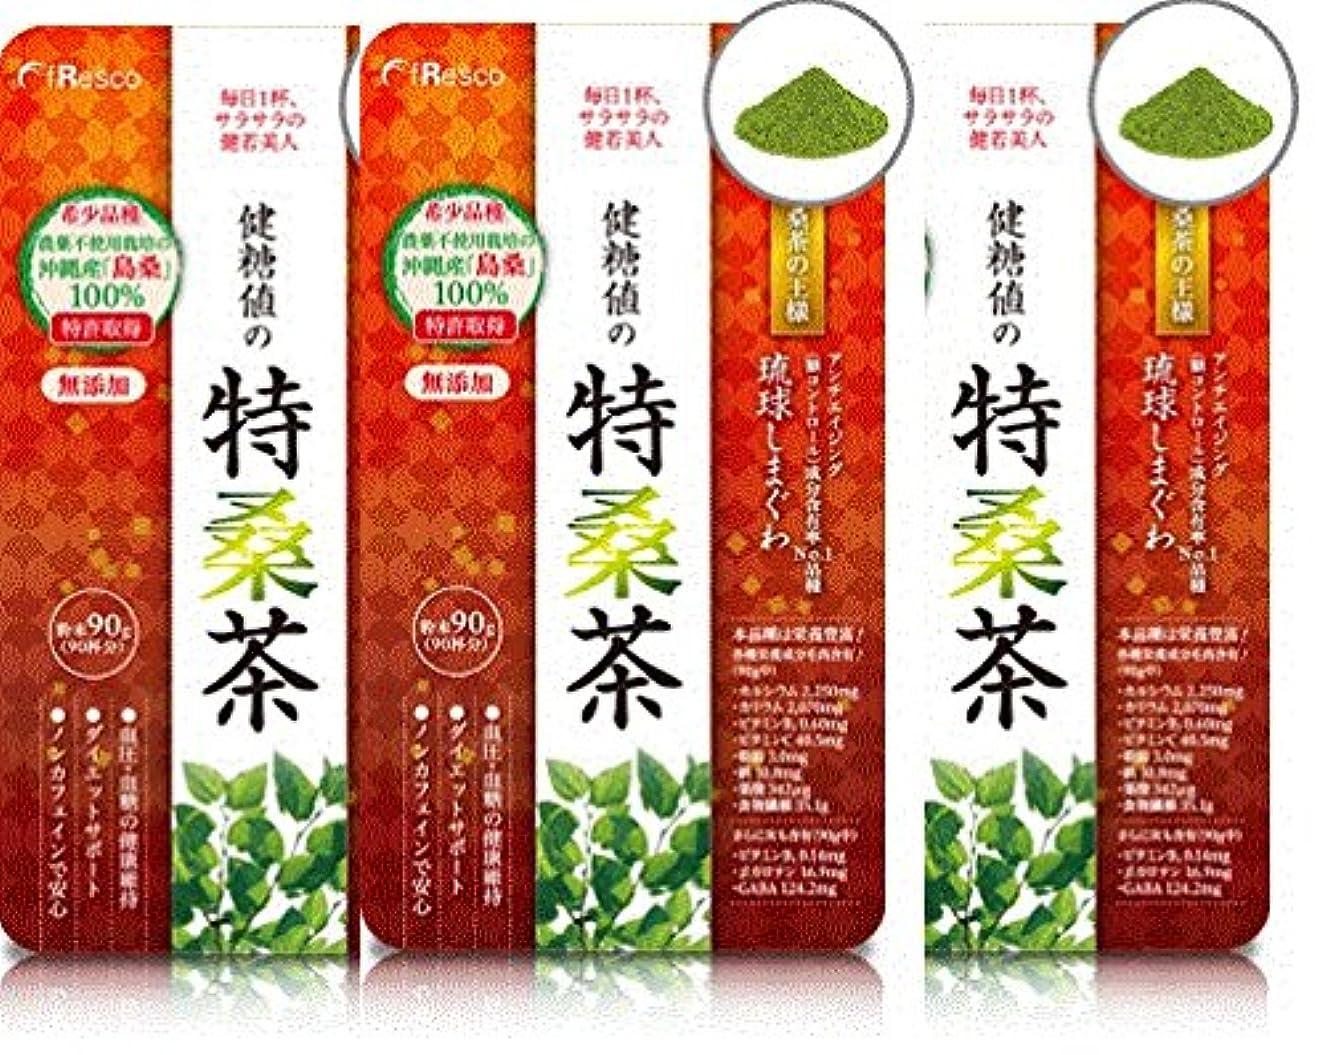 サイトラインあさり収縮桑茶の王様 琉球しまぐわ 健糖値の特桑茶 270g(90g × 3袋) 【5%OFF】【送料無料】